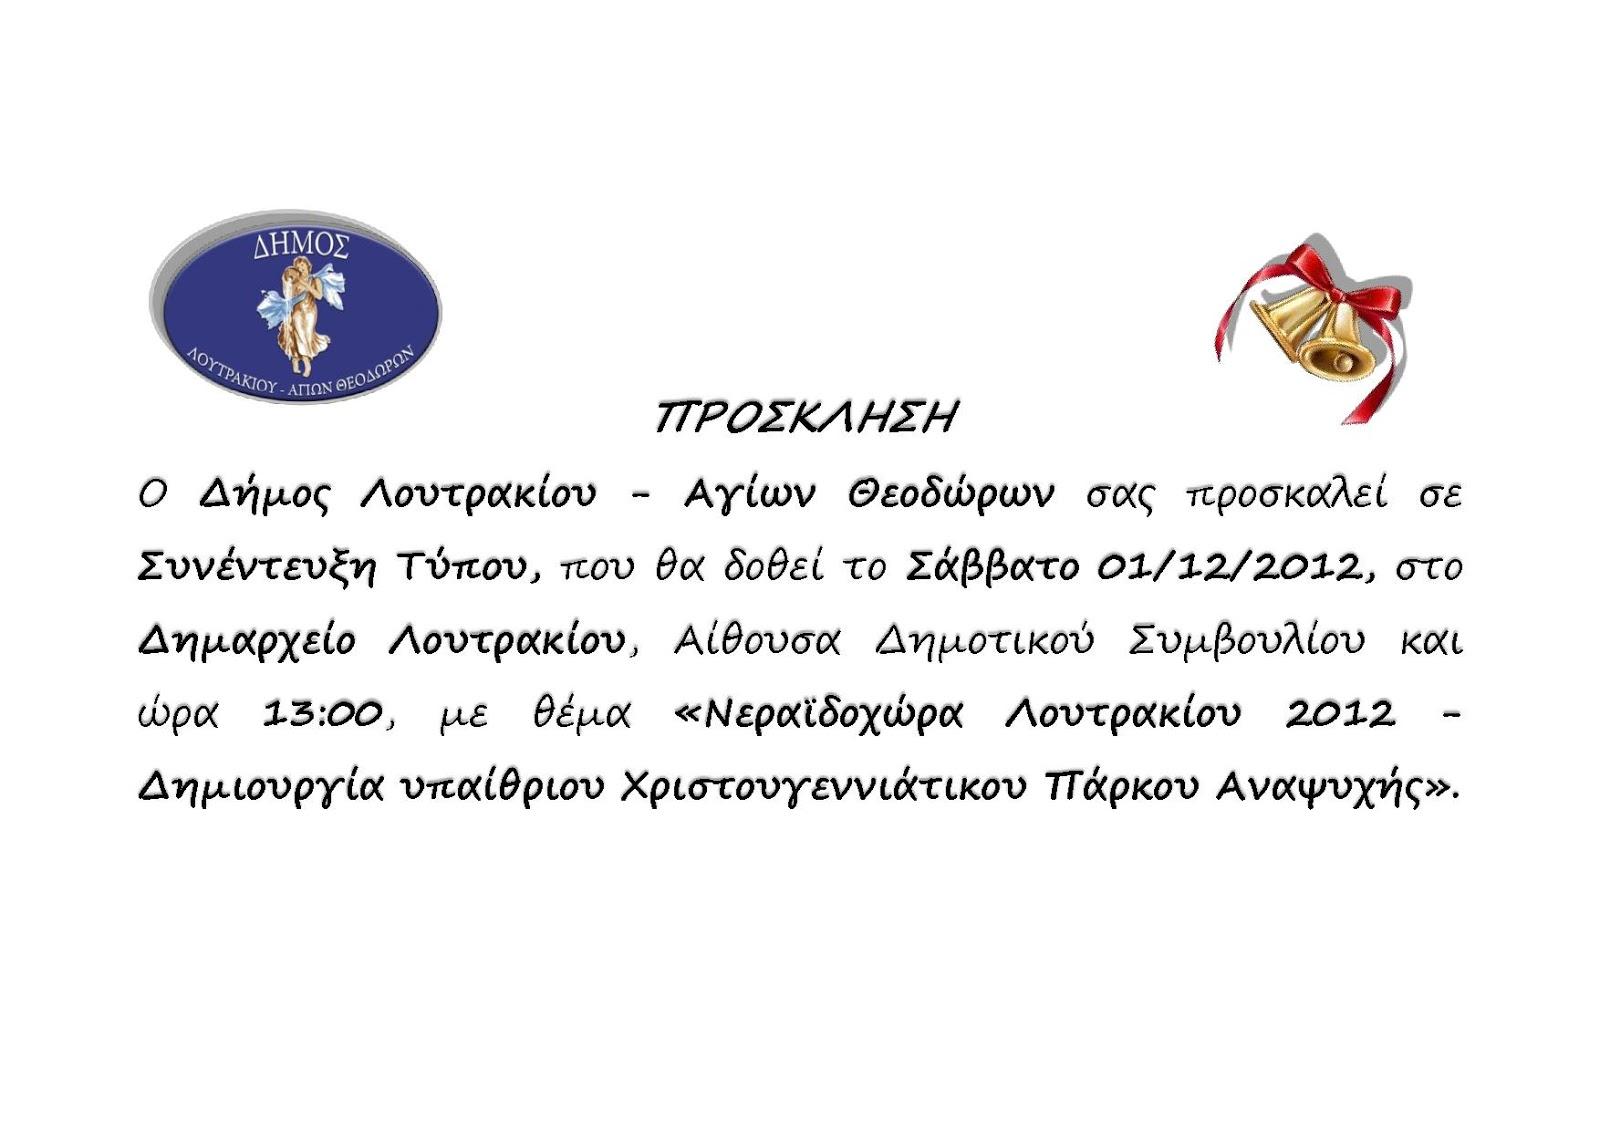 Αγιων θεοδωρων Hd: Www.perahora.gr: ΔΗΜΟΣ ΛΟΥΤΡΑΚΙΟΥ ΠΕΡΑΧΩΡΑΣ